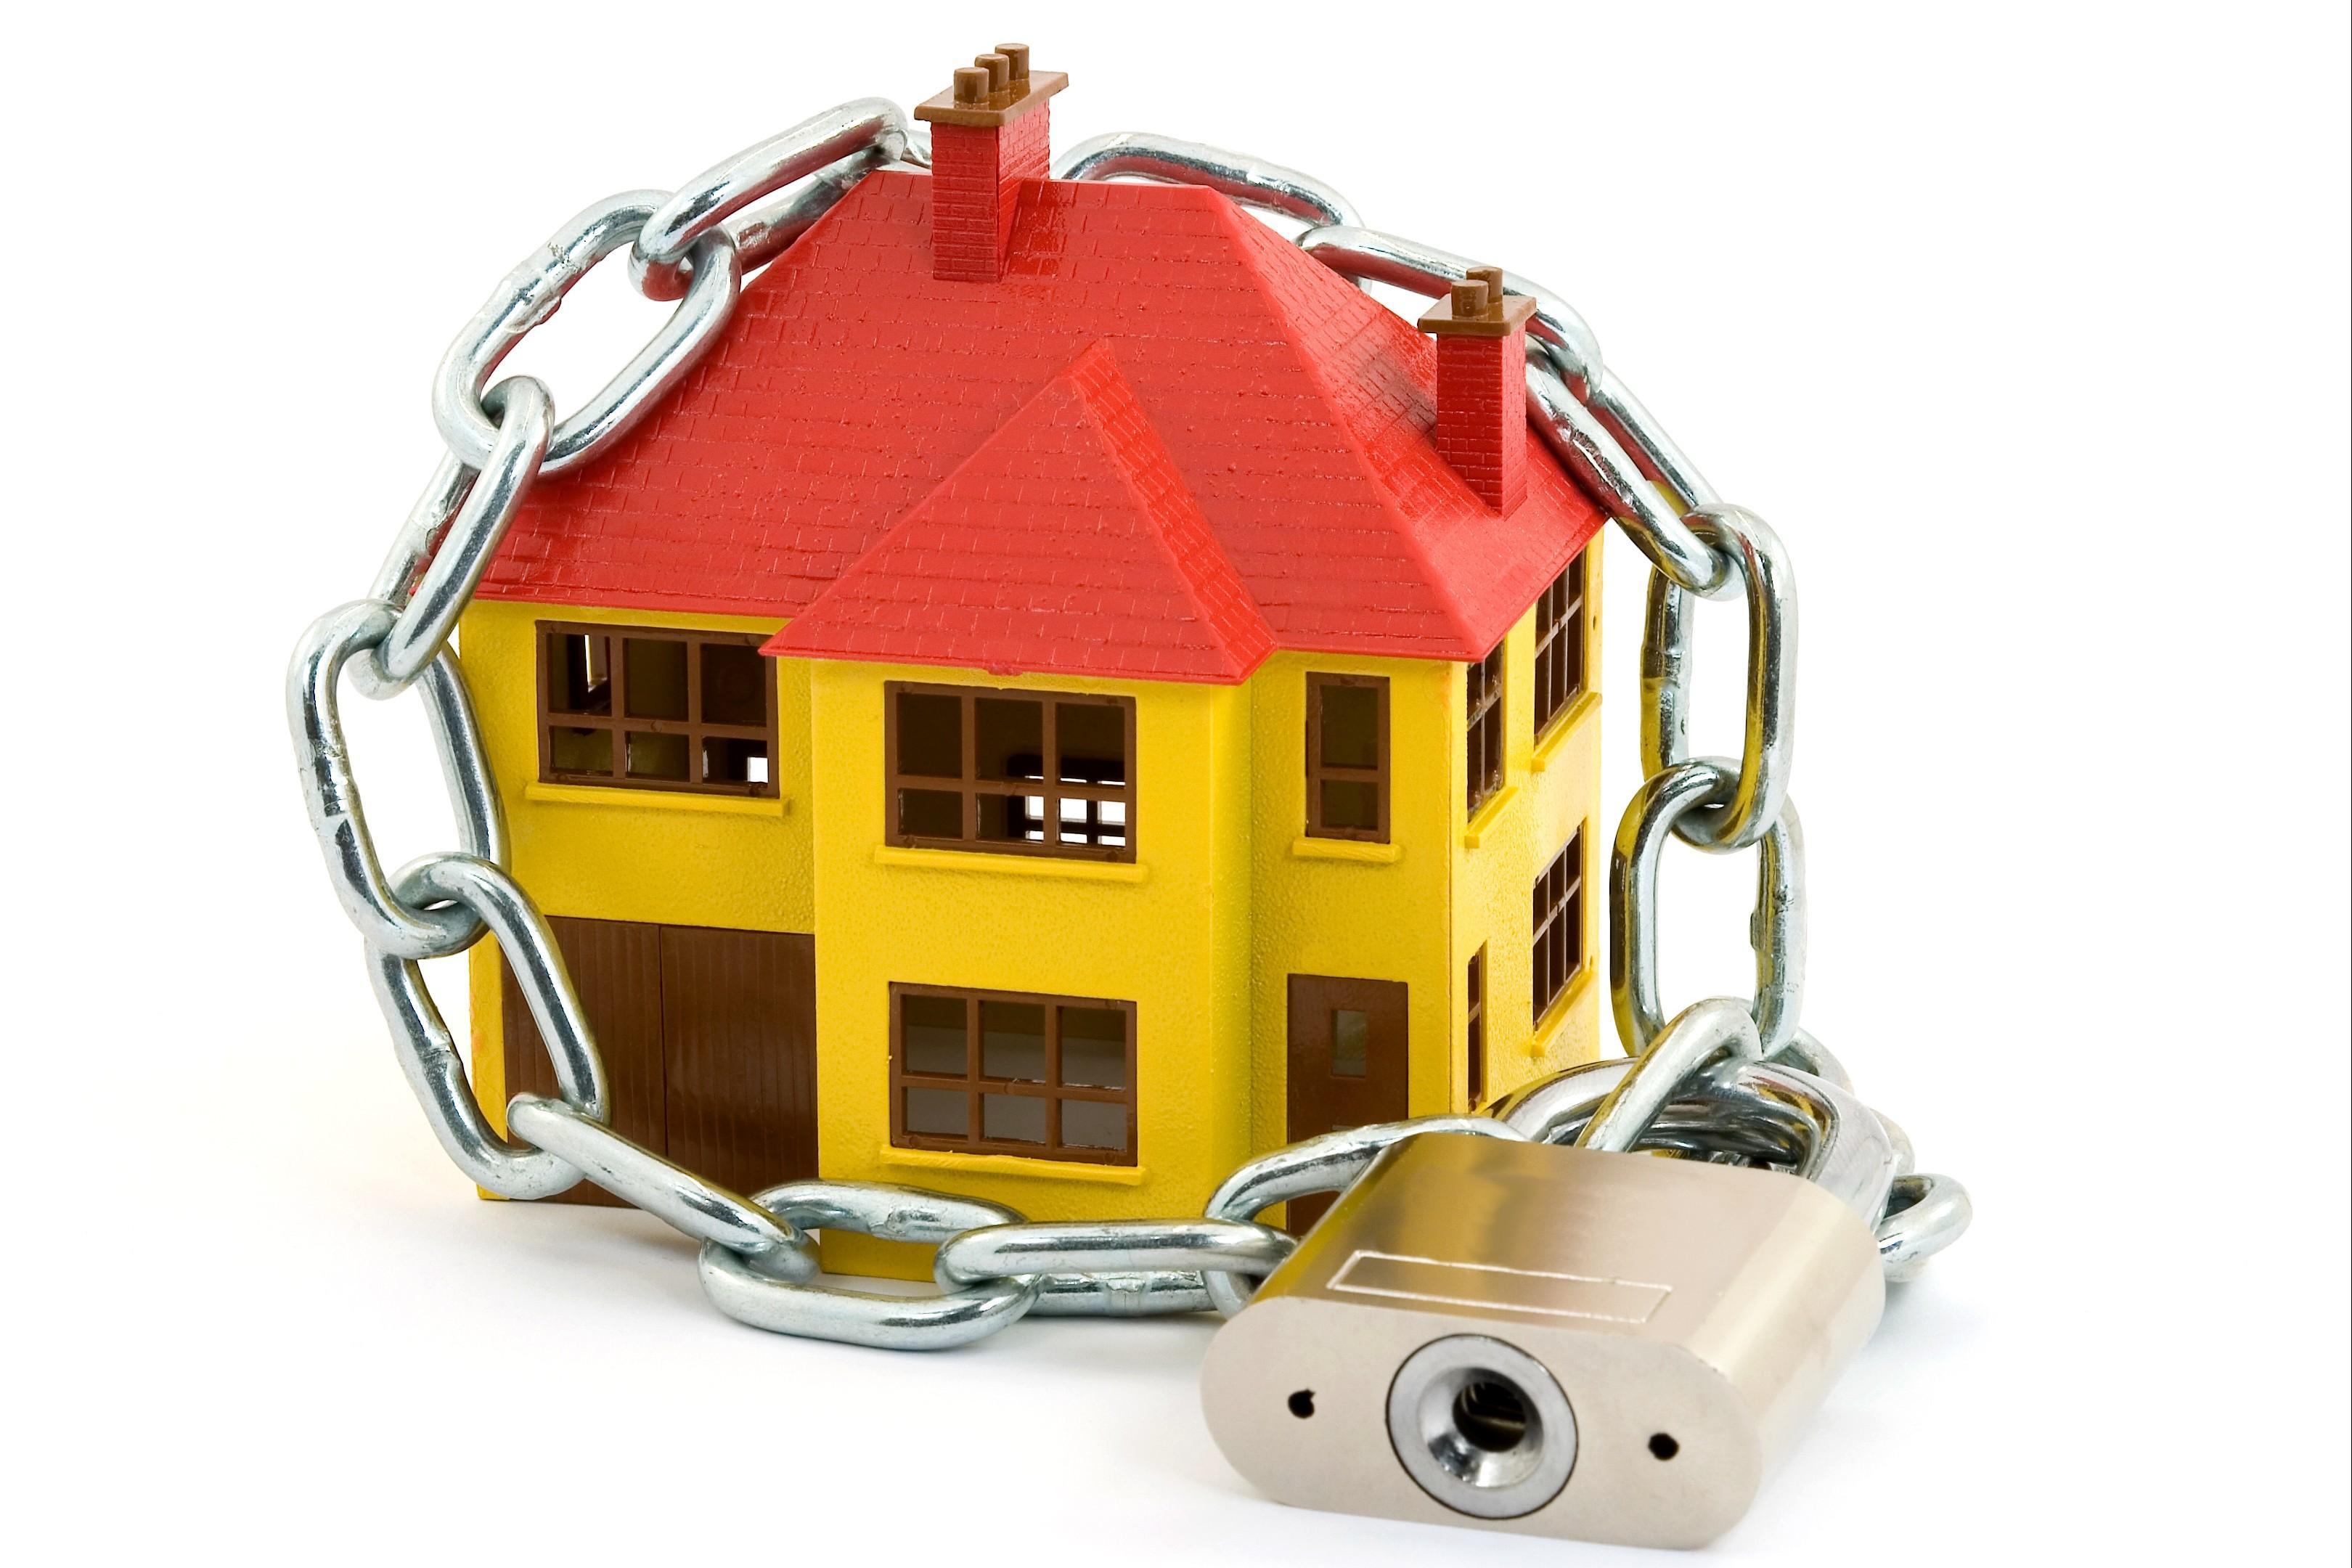 Come scegliere il migliore impianto di allarme antifurto - Sistema allarme casa migliore ...